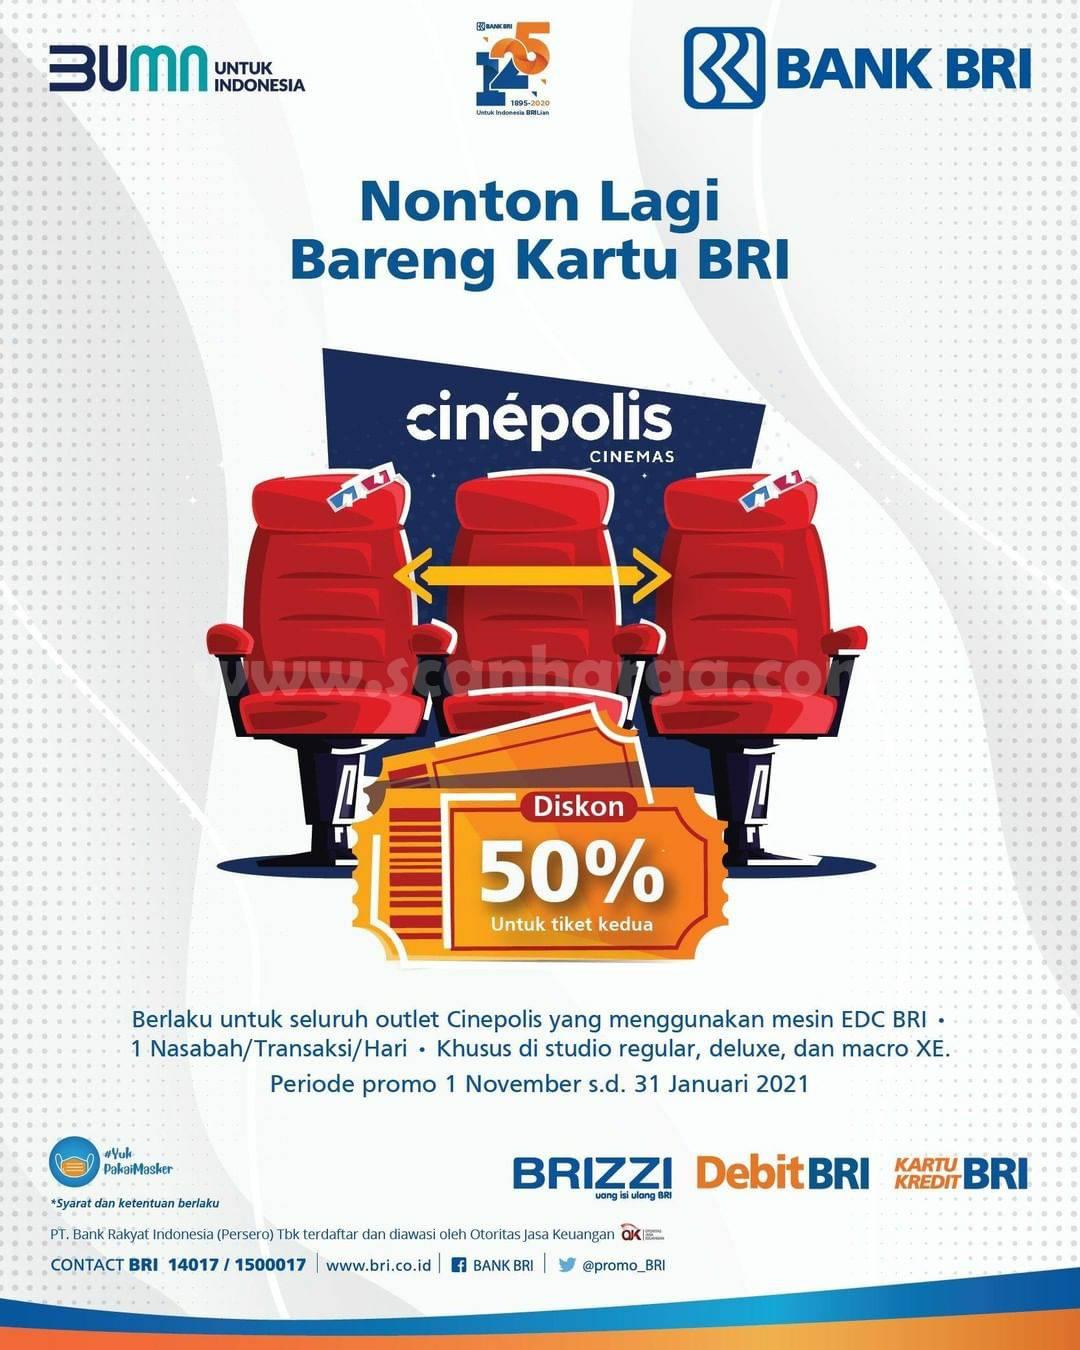 Promo Cinepolis Diskon 50% untuk tiket kedua menggunakan Kartu BRI